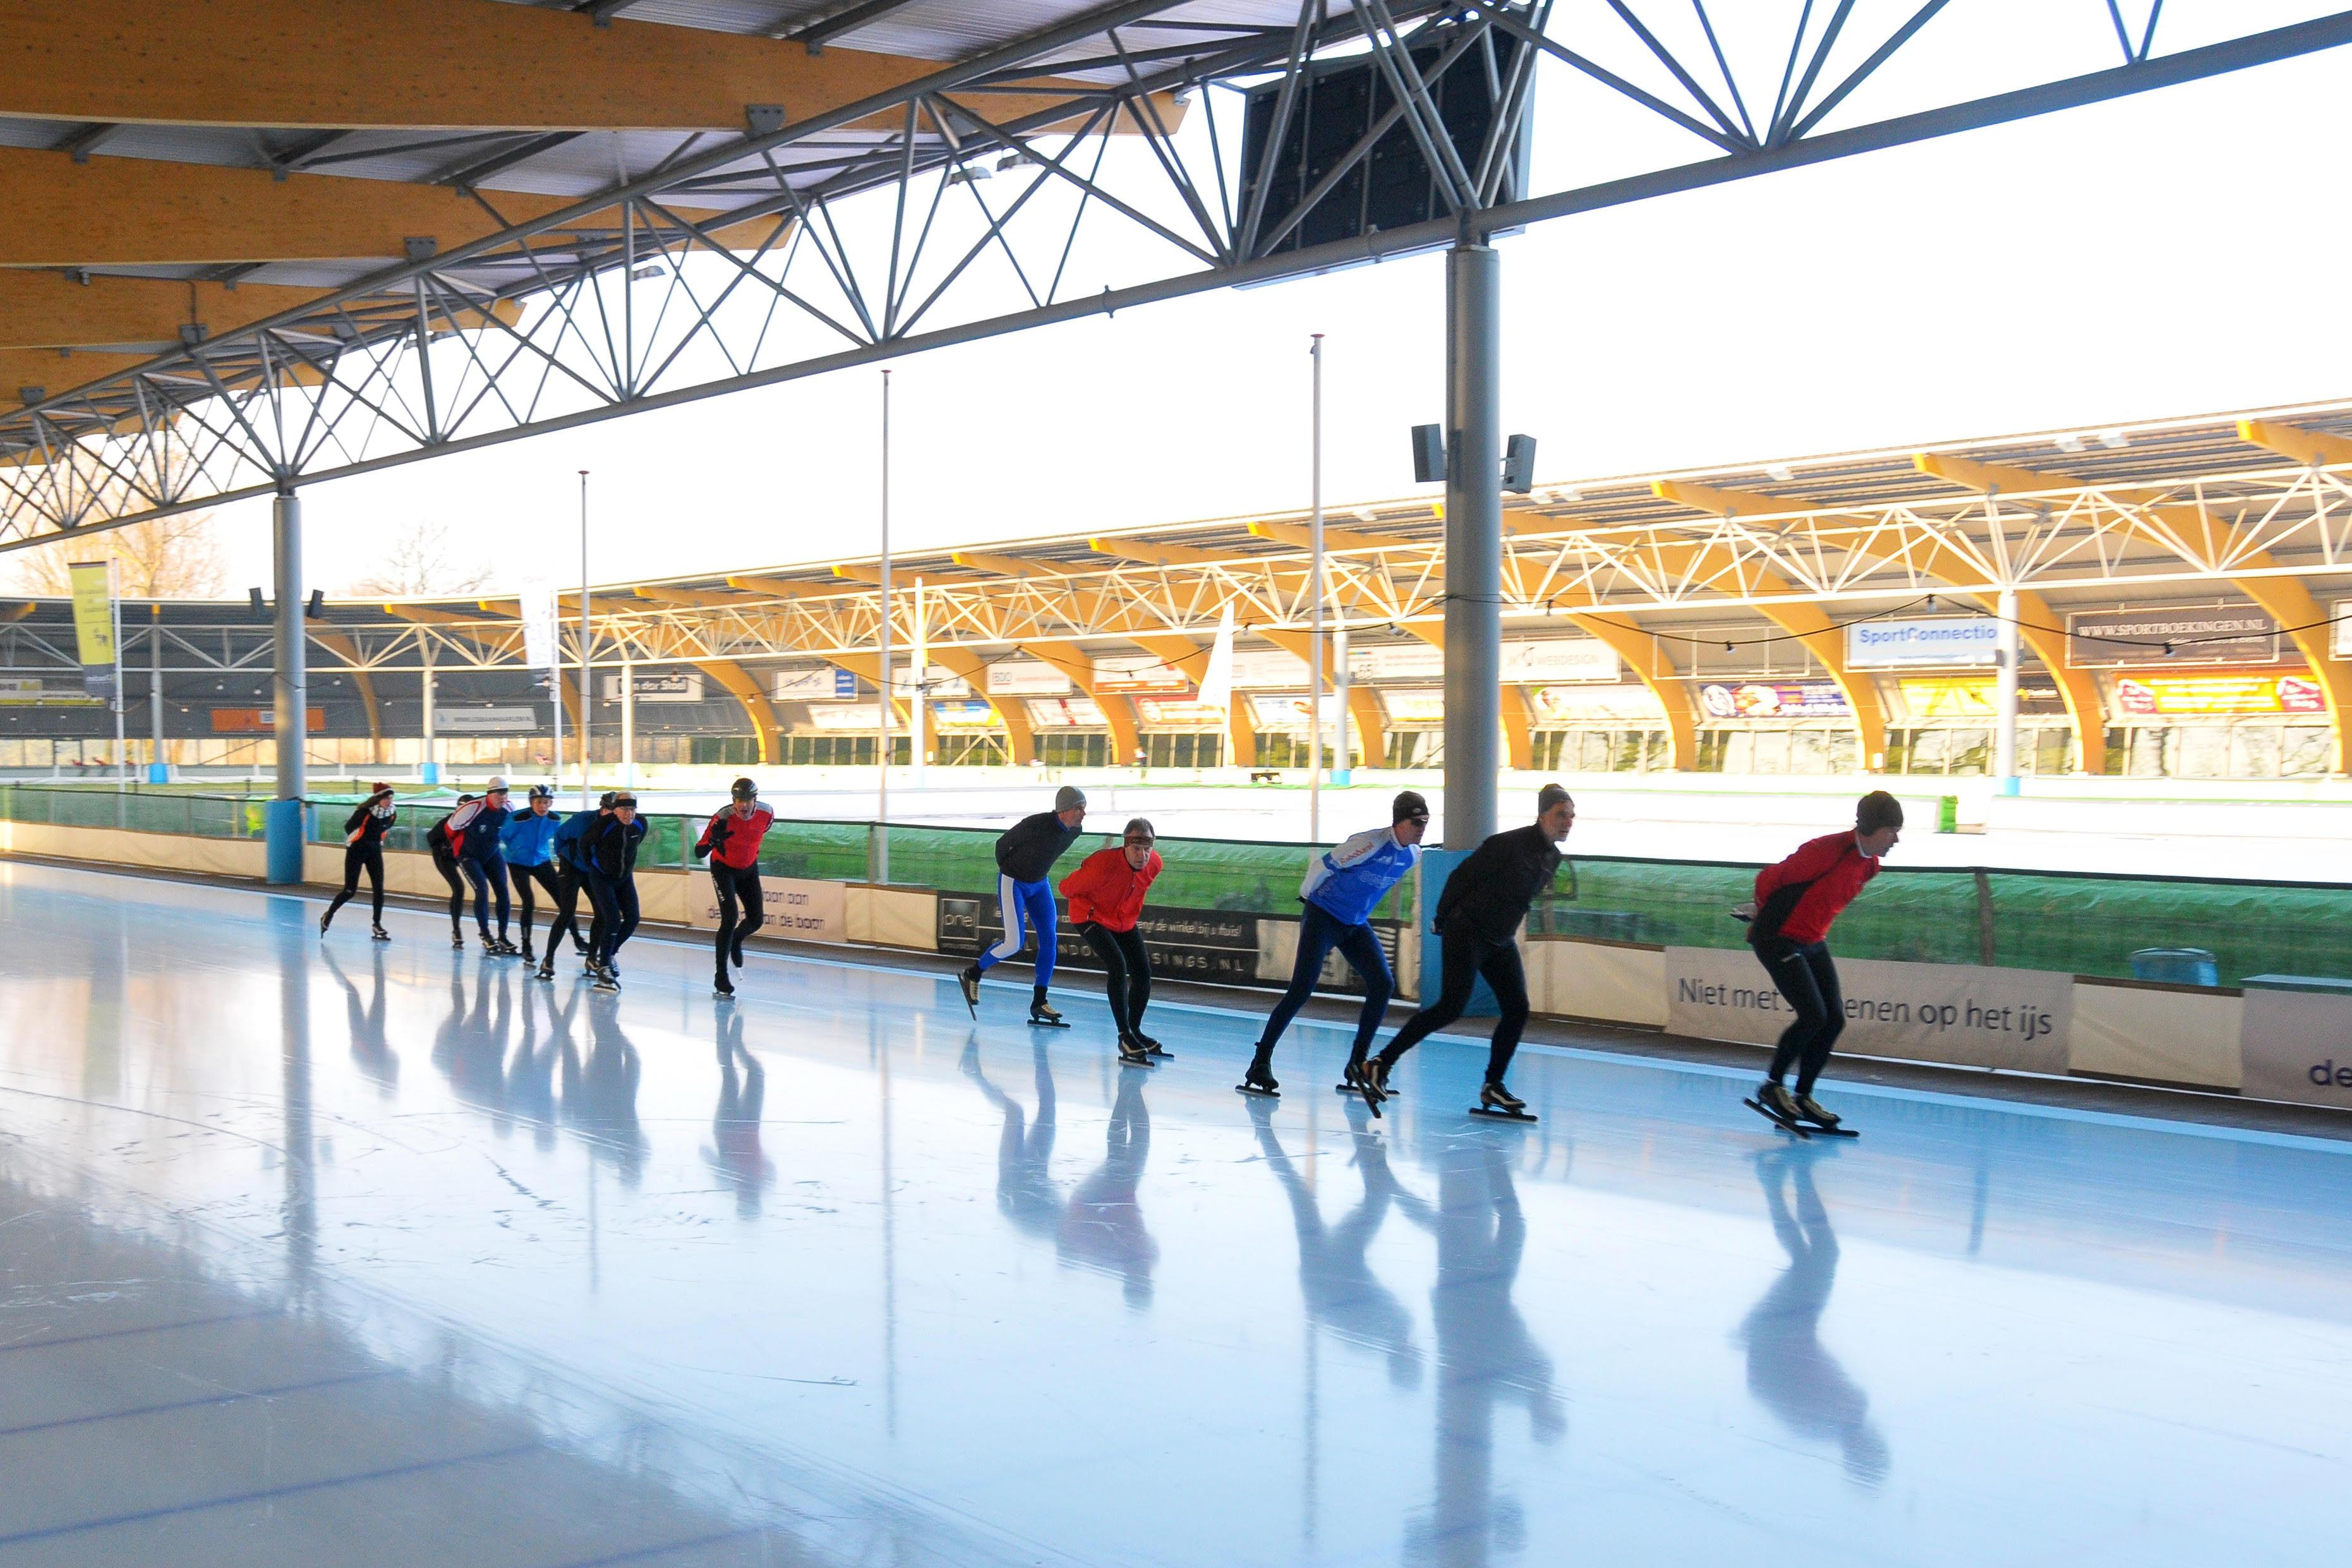 Haarlemse ijsbaan gaat komende zaterdag open: reserveren verplicht